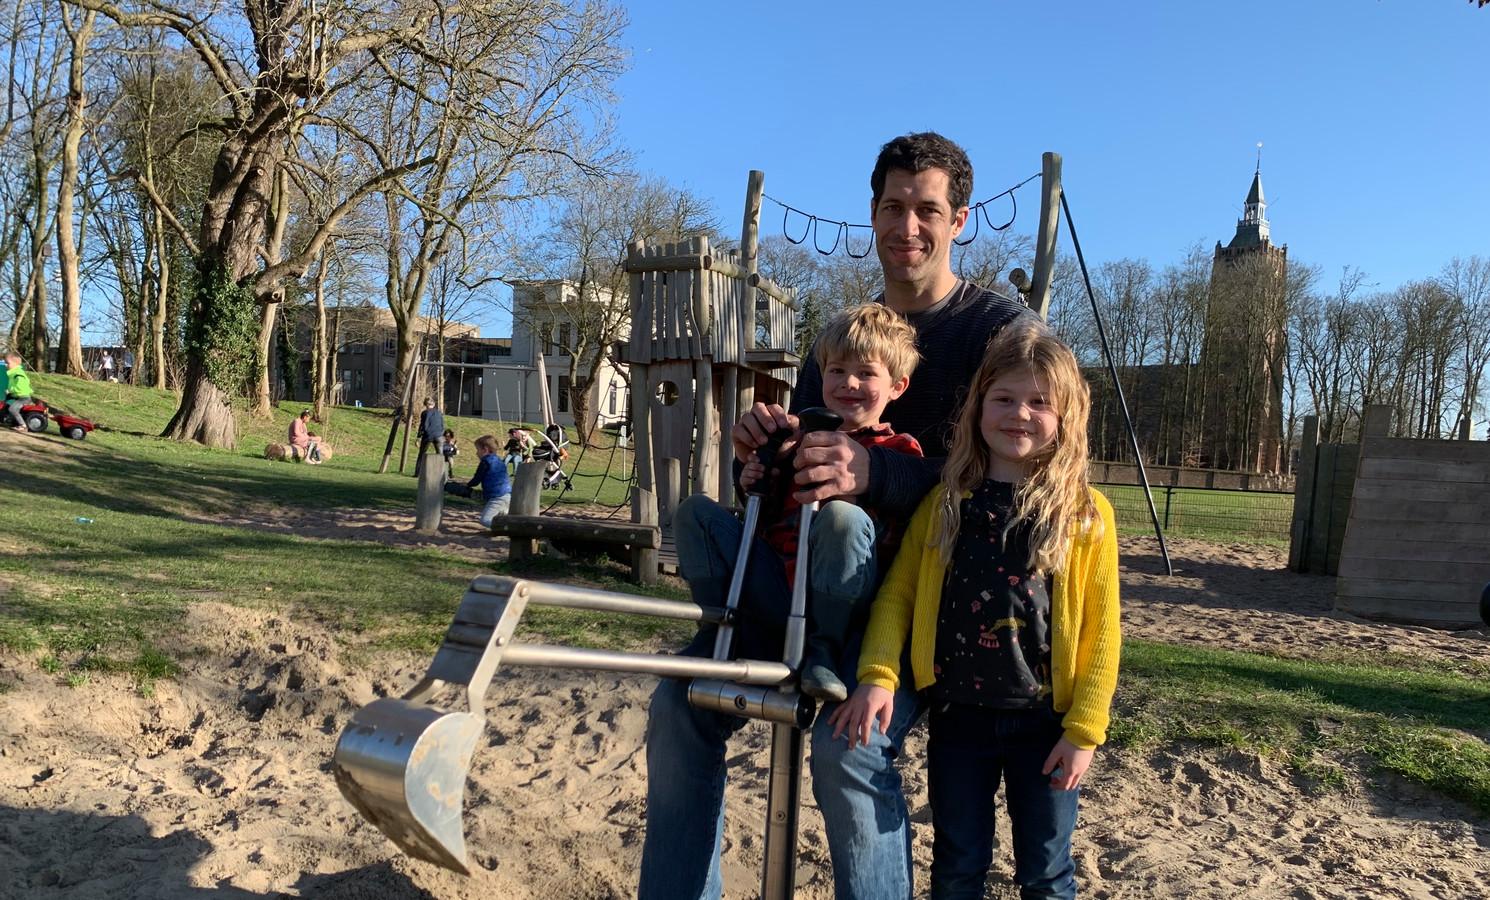 Papa Karel (38) is met Marijn (6) en Simon (4) naar Asperen gekomen om in de speeltuin te spelen.